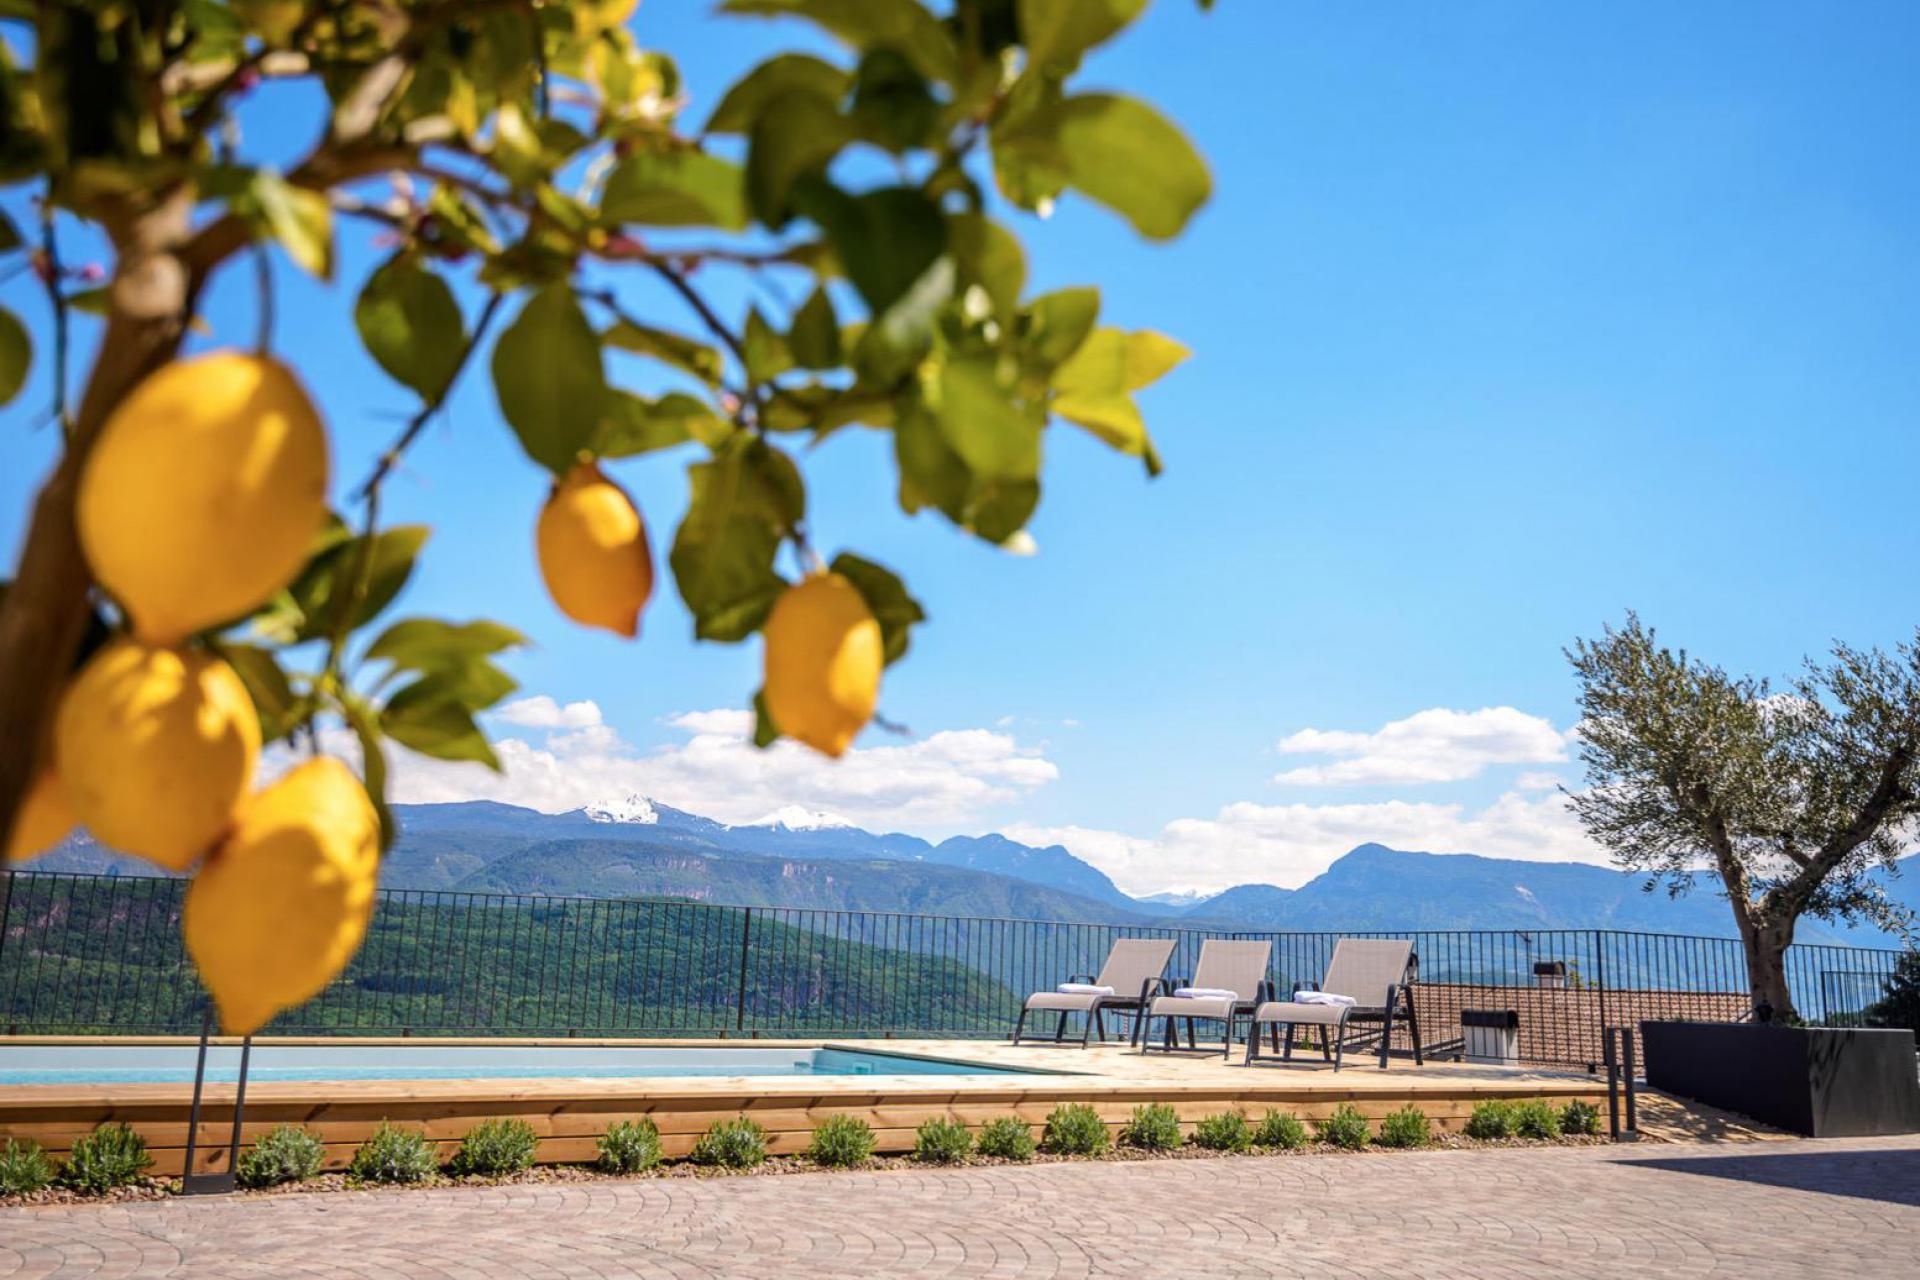 Agriturismo Dolomiten Gemütlicher Agriturismo zwischen Apfelbäumen und Weinbergen